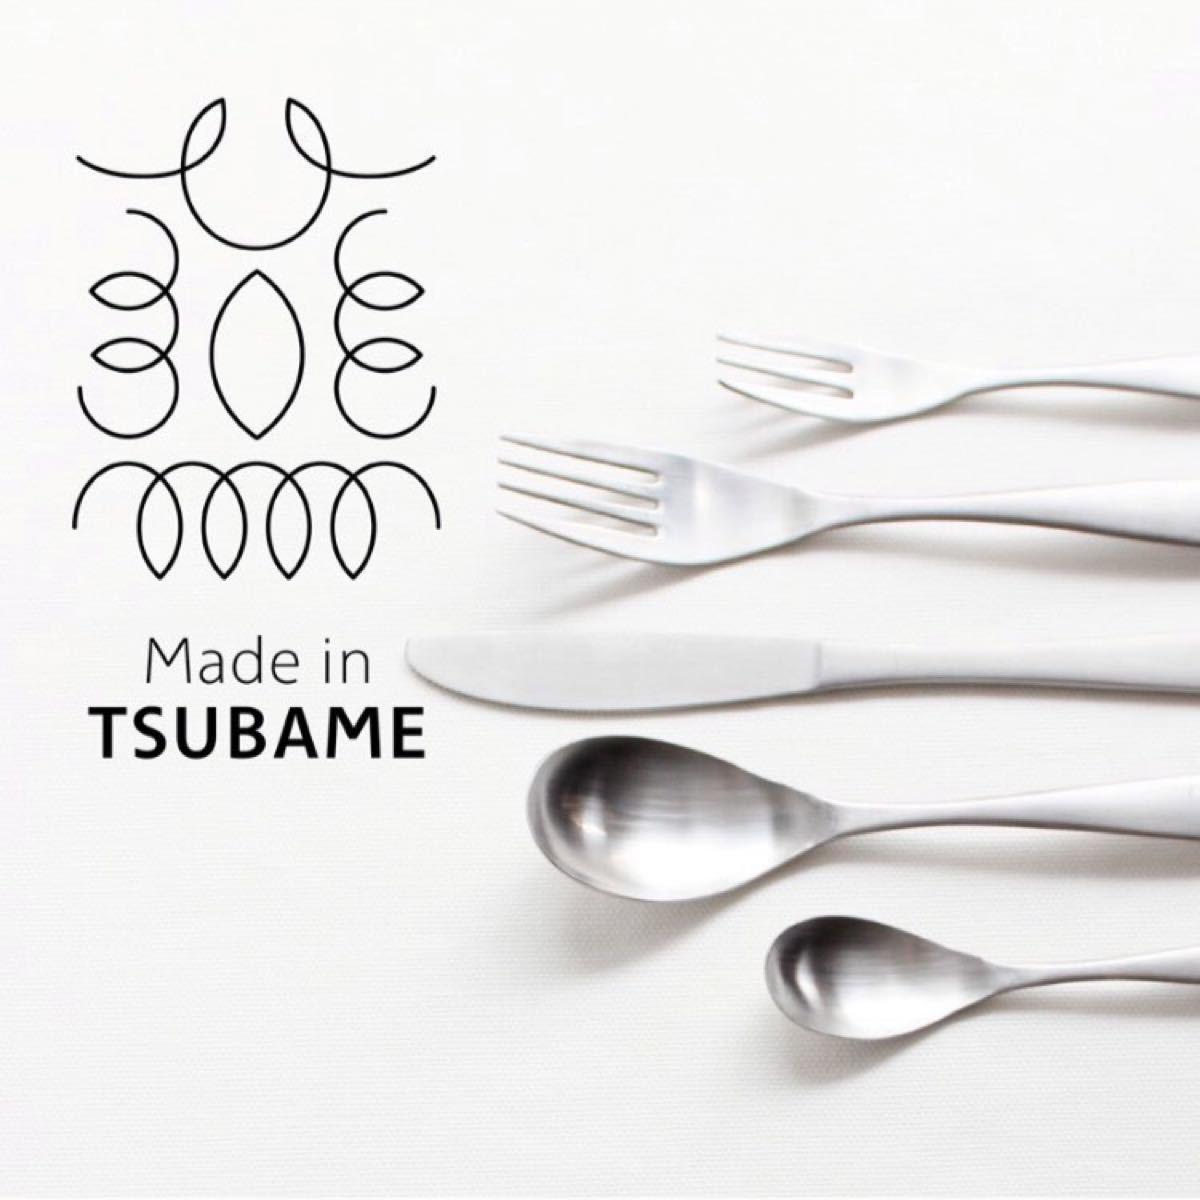 ツバメカトラリー 4本セット ナイフ 新品未使用 made in tsubame 燕